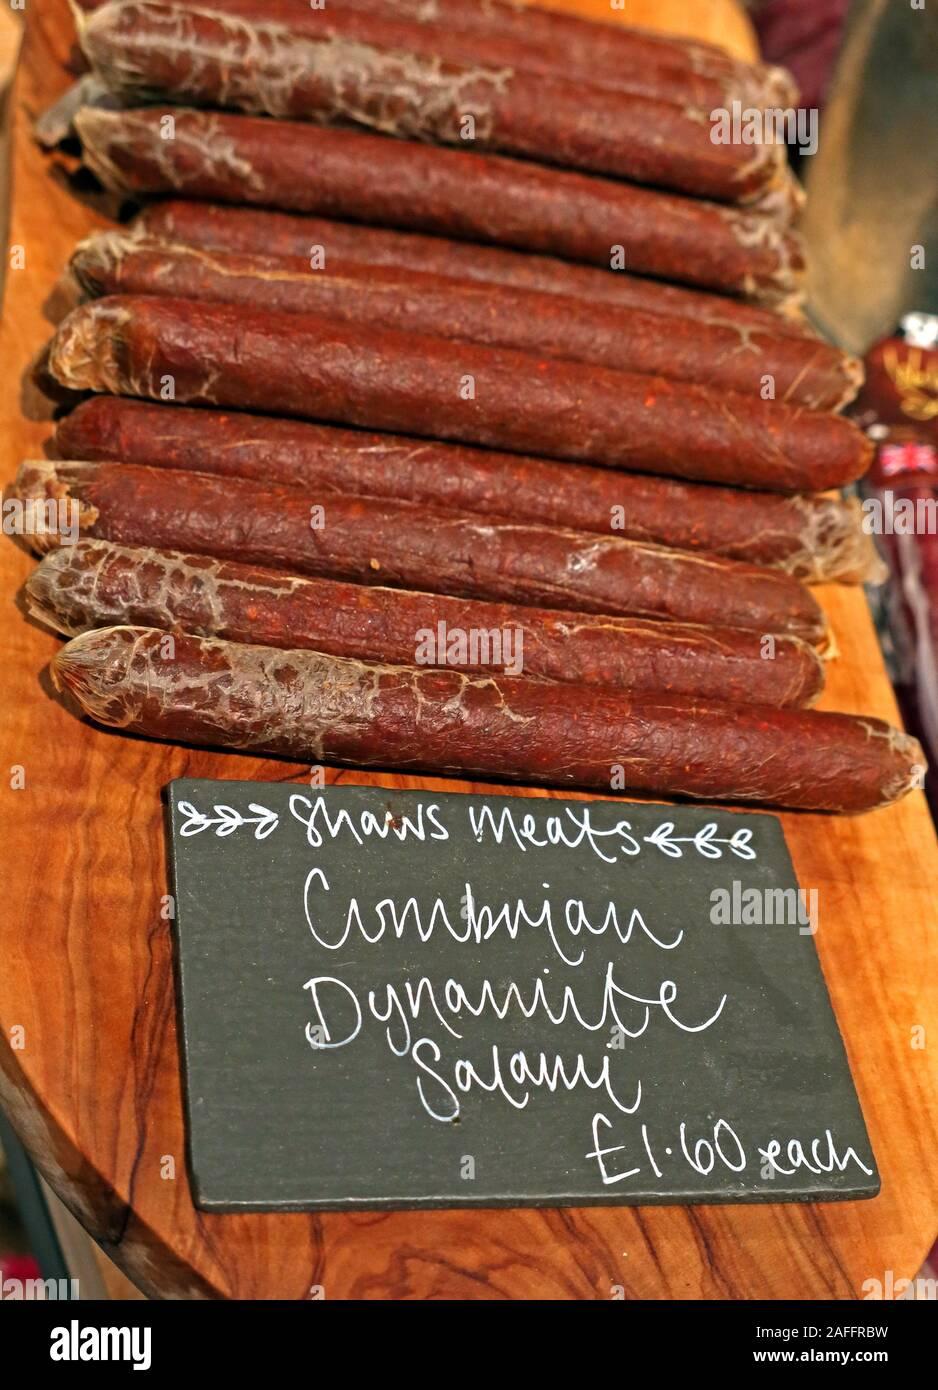 @HotpixUk,HotpixUK,GoTonySmith,on sale at organic,Gloucestershire,South West England,UK,Shaws,game,meats,Cumbria,England,on sale,retail